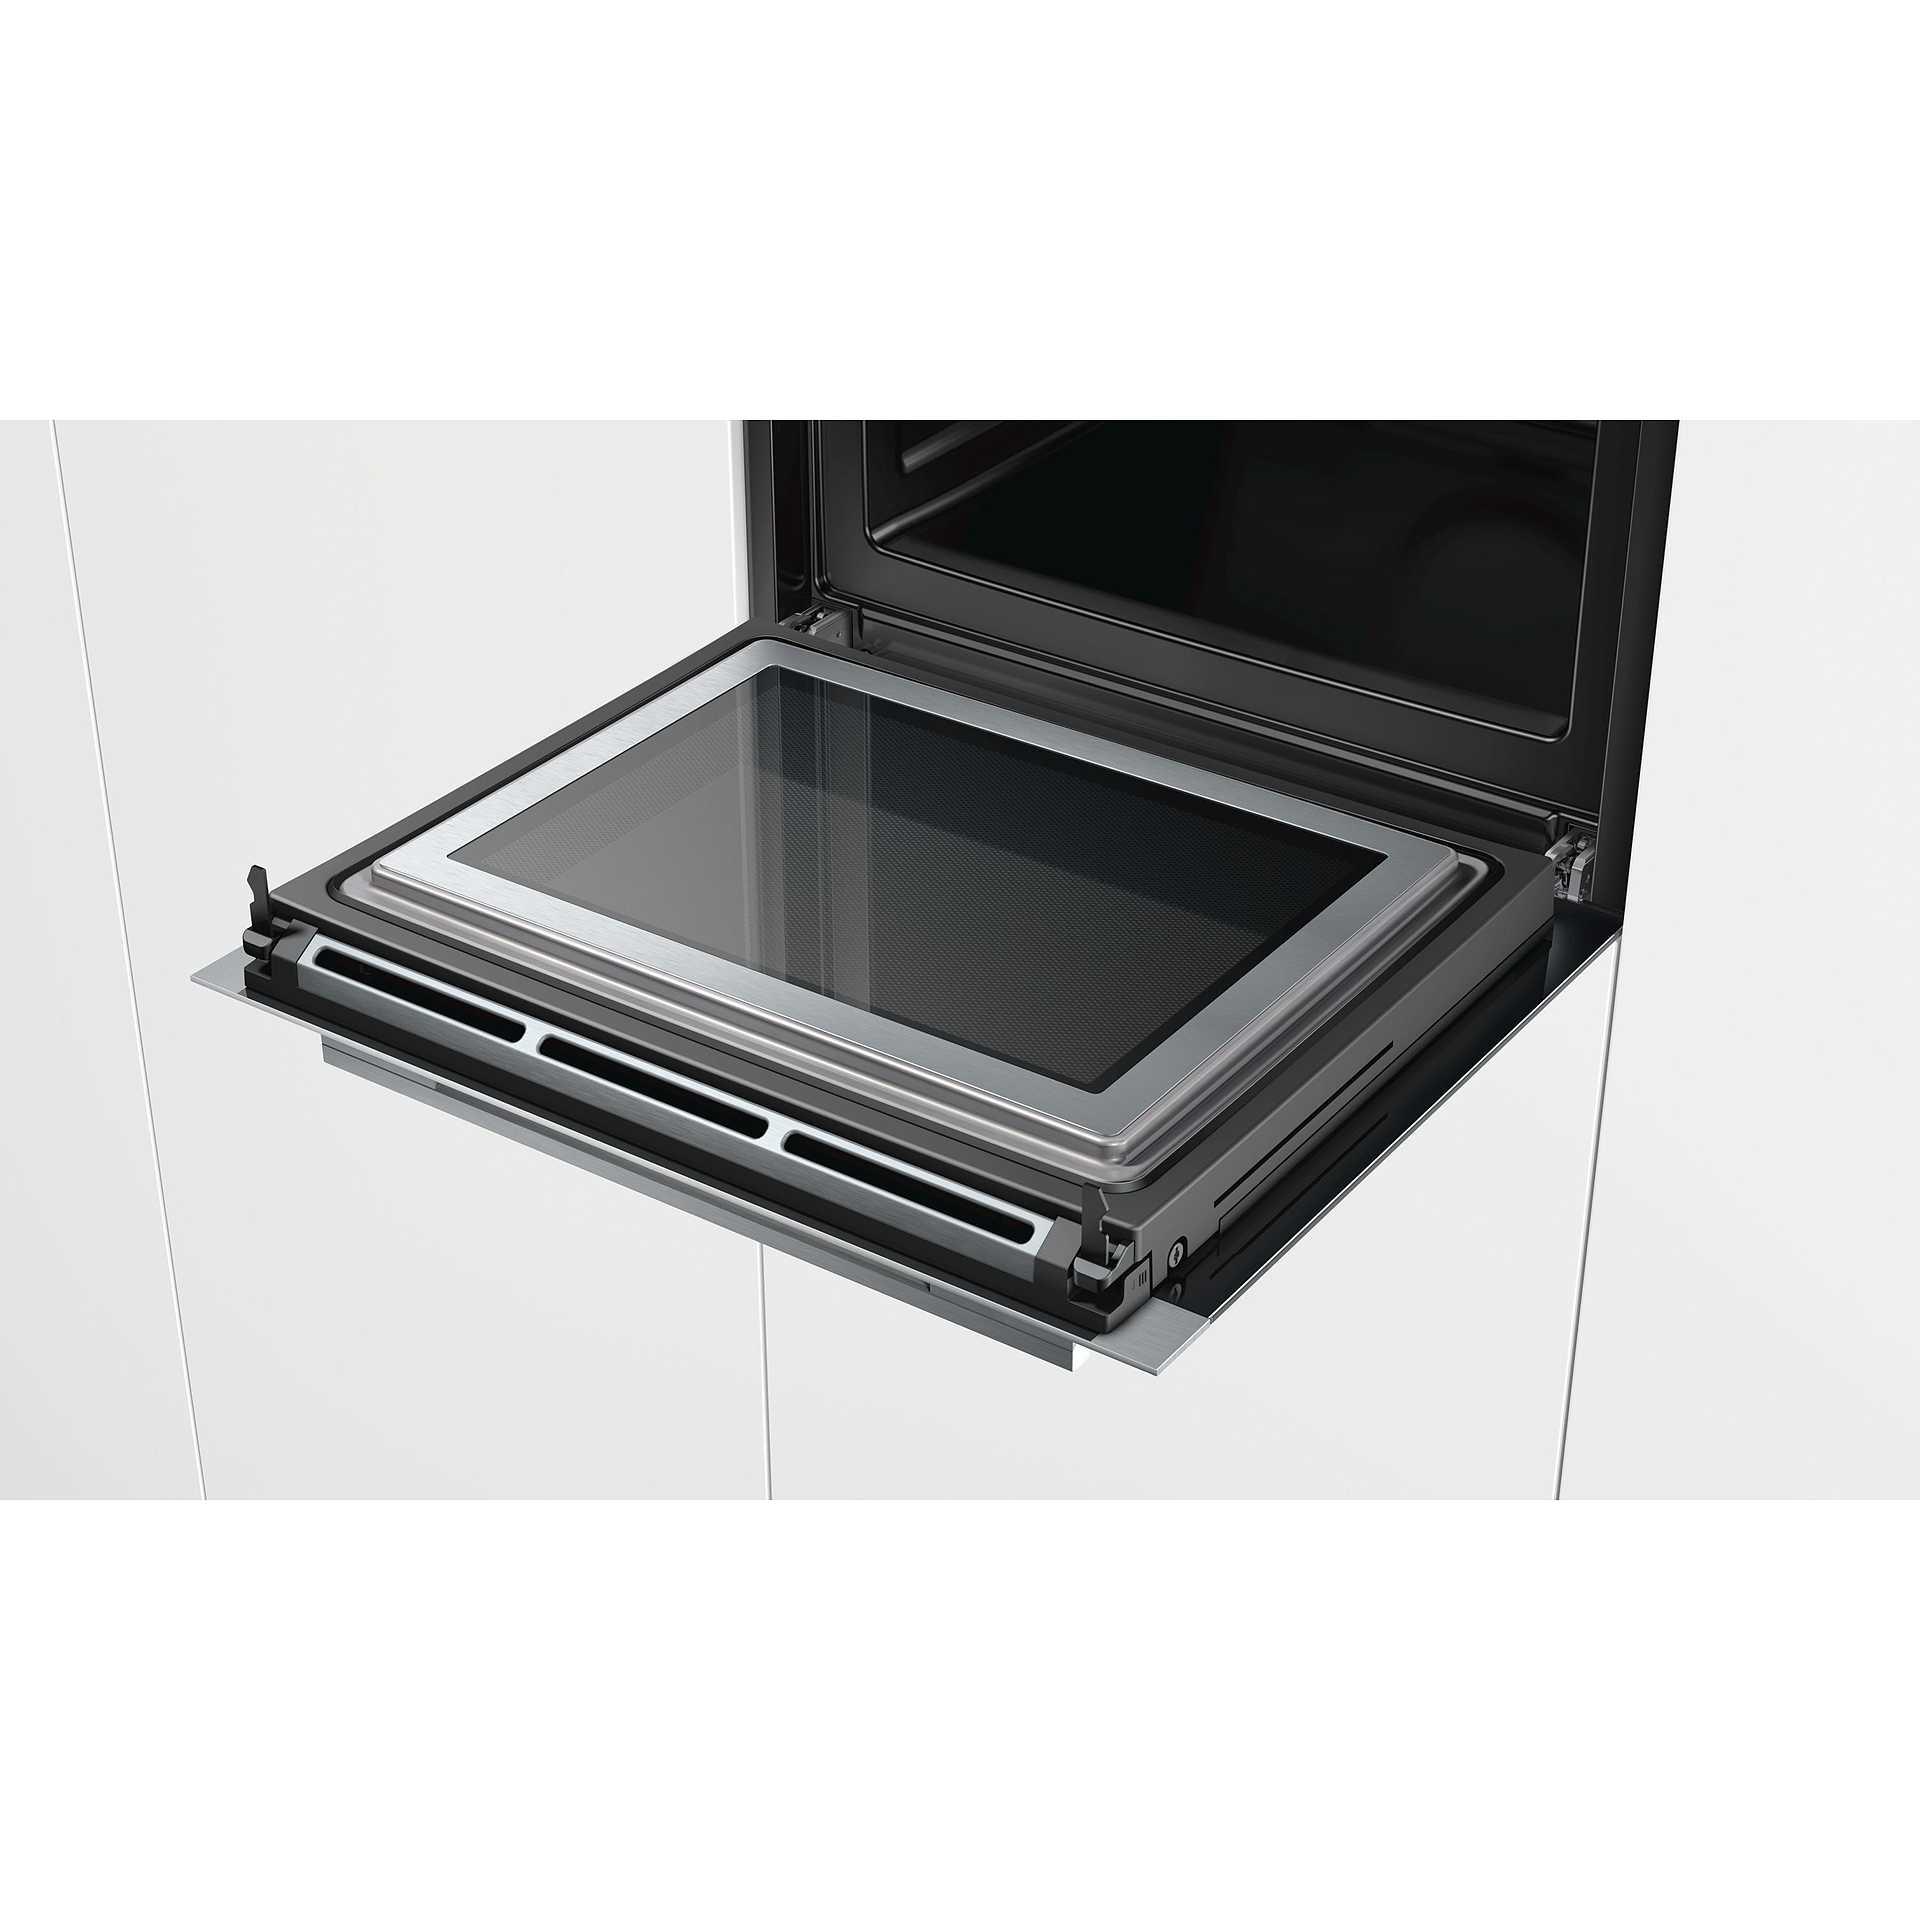 Hm633gns1 siemens forno da incasso combinato a microonde for Forno combinato da incasso